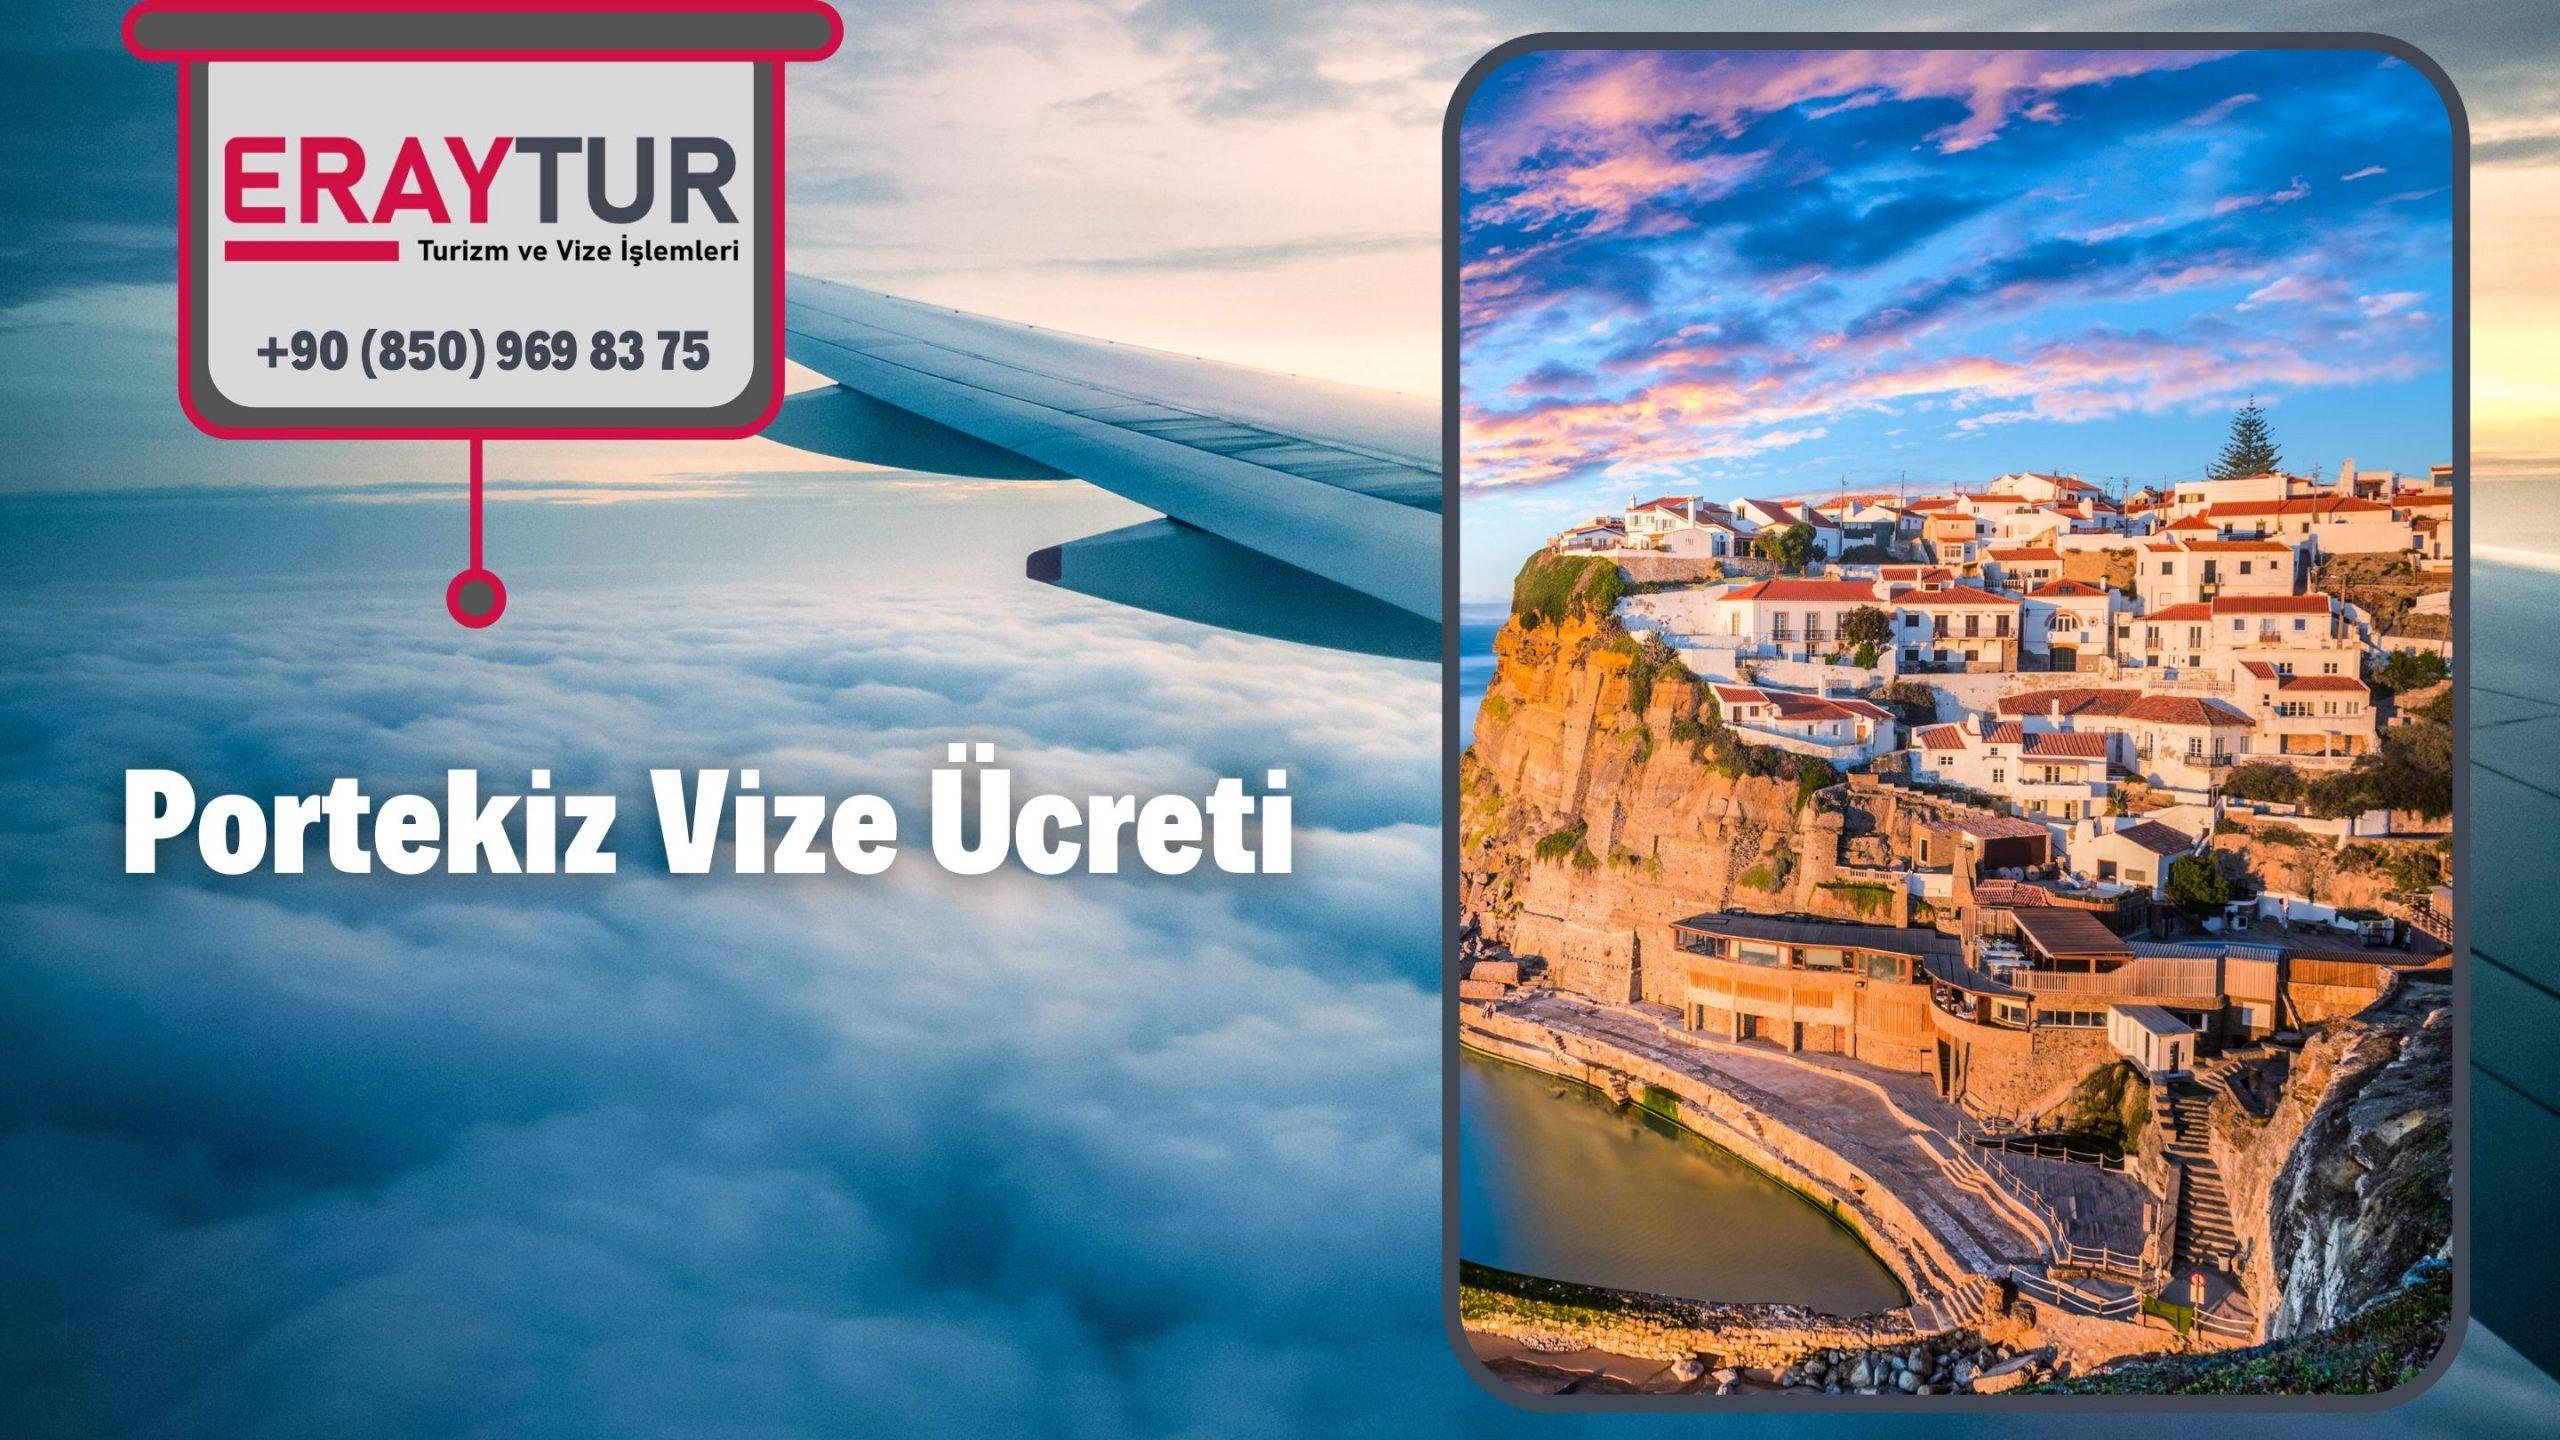 Portekiz Vize Ücreti